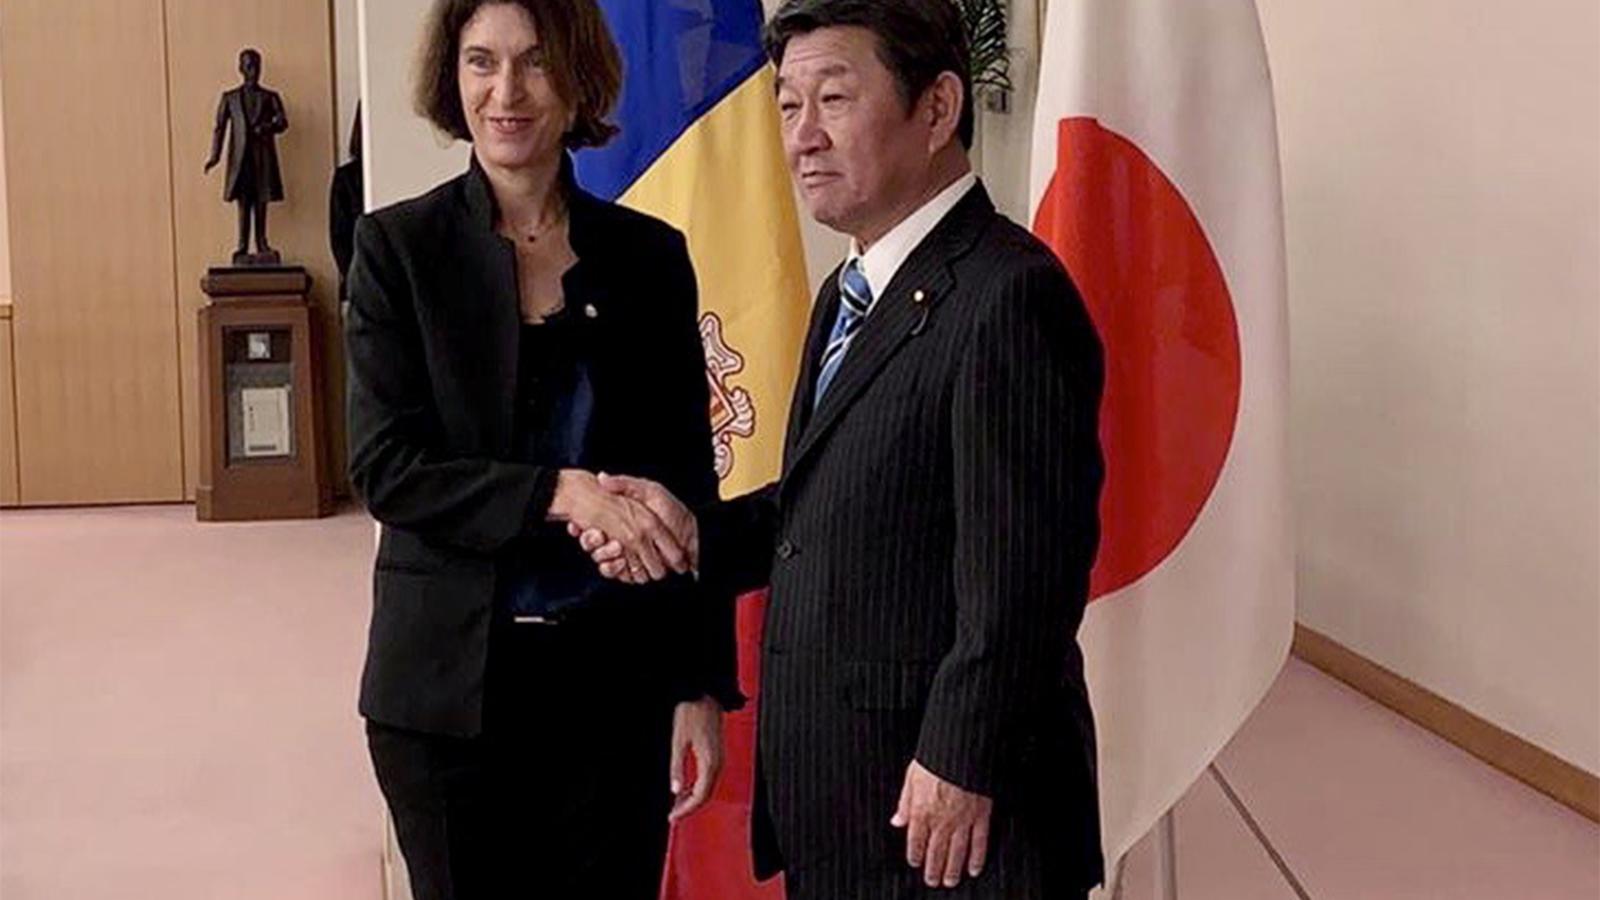 Ubach i el seu homòleg japonès Motegi. / SFG